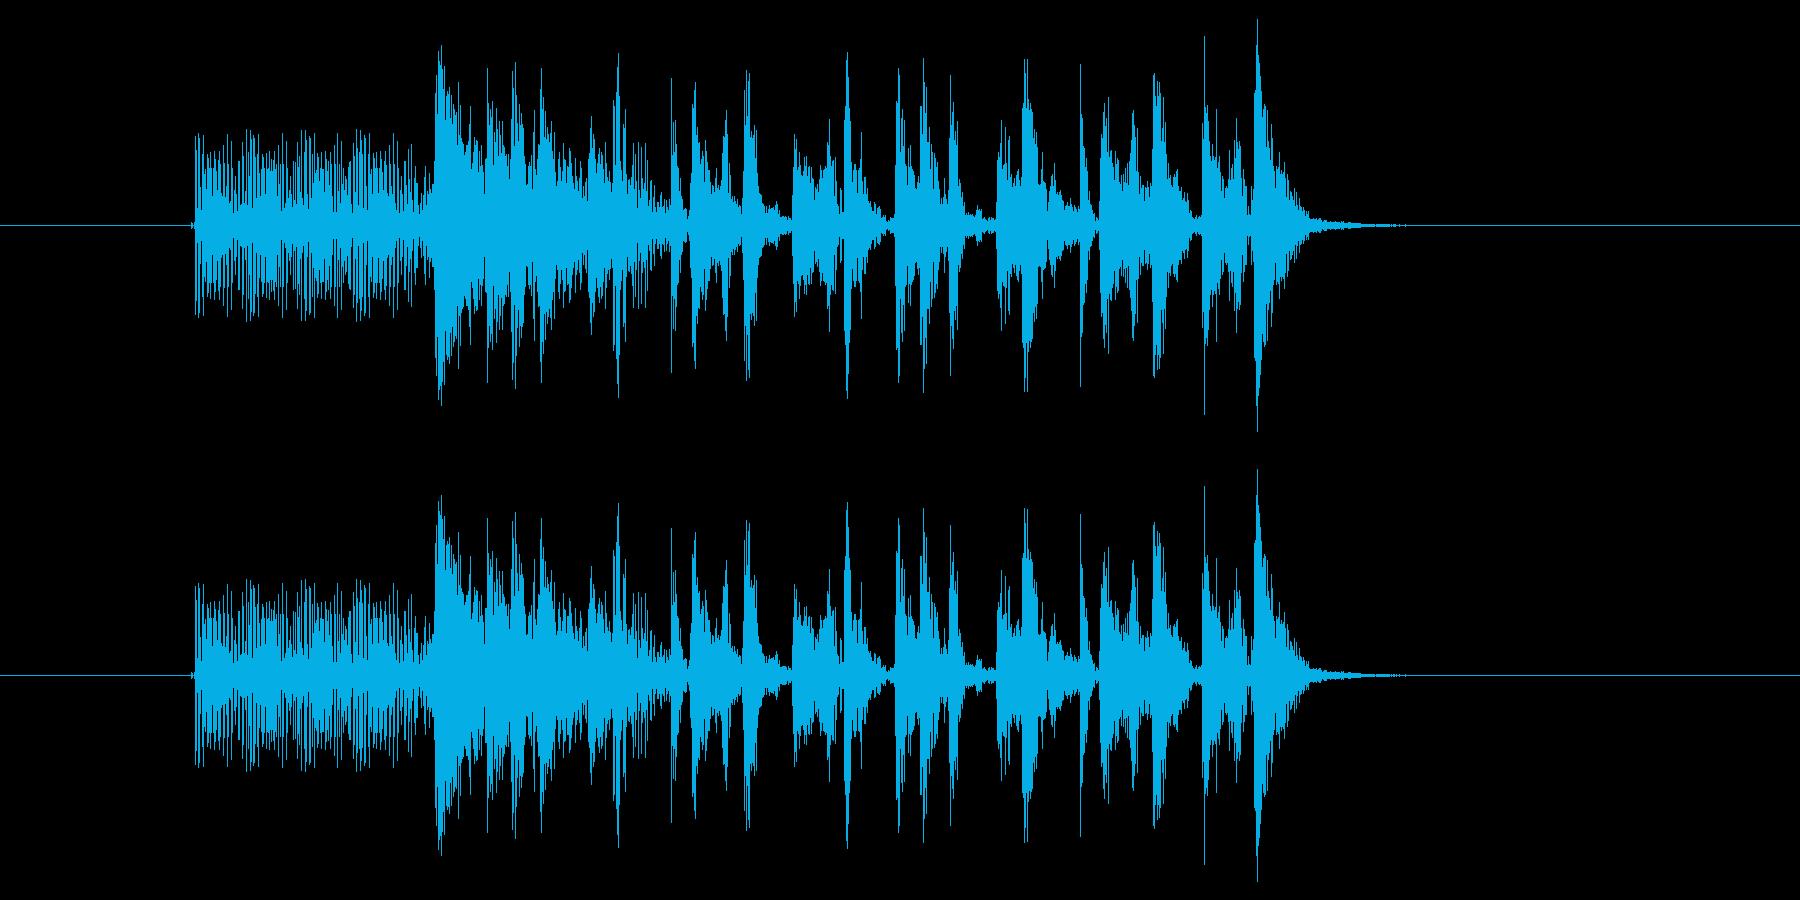 キッチュなアップテンポのゲーム音の再生済みの波形